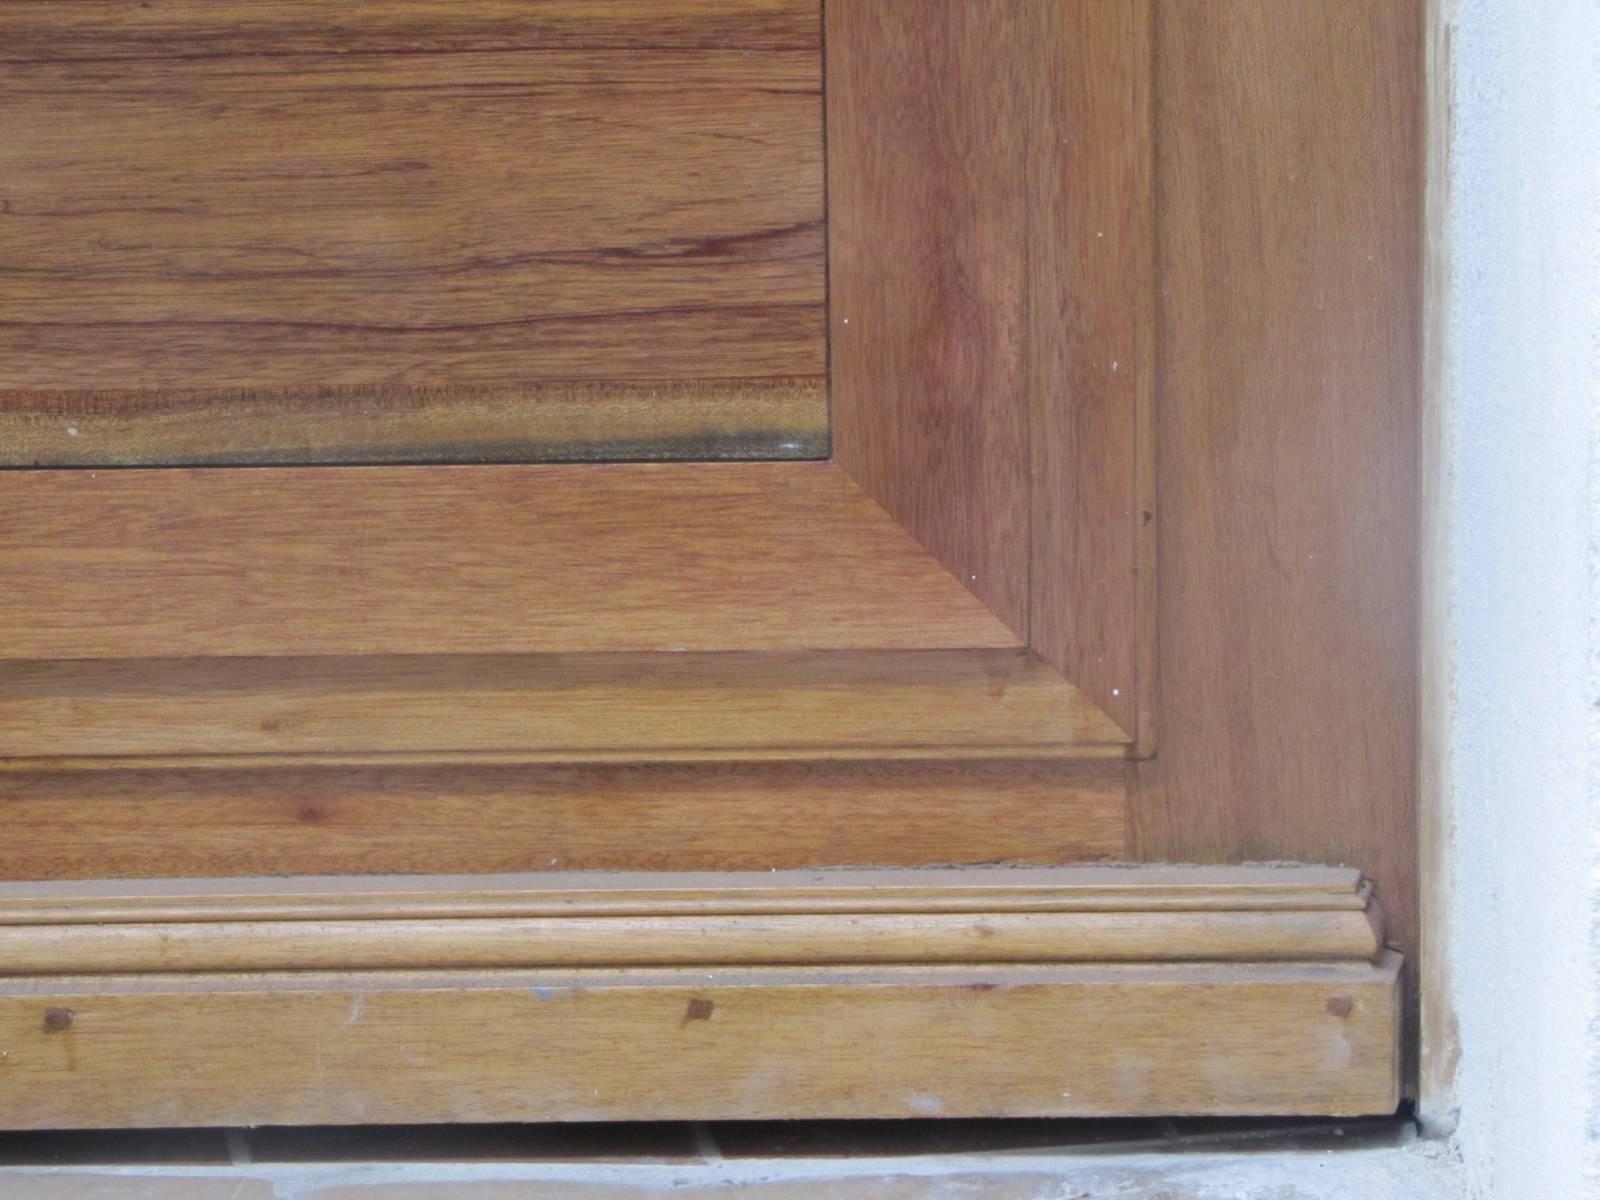 fabrication d 39 une porte d 39 entr e de style grand cadre marseille artisan menuisier. Black Bedroom Furniture Sets. Home Design Ideas